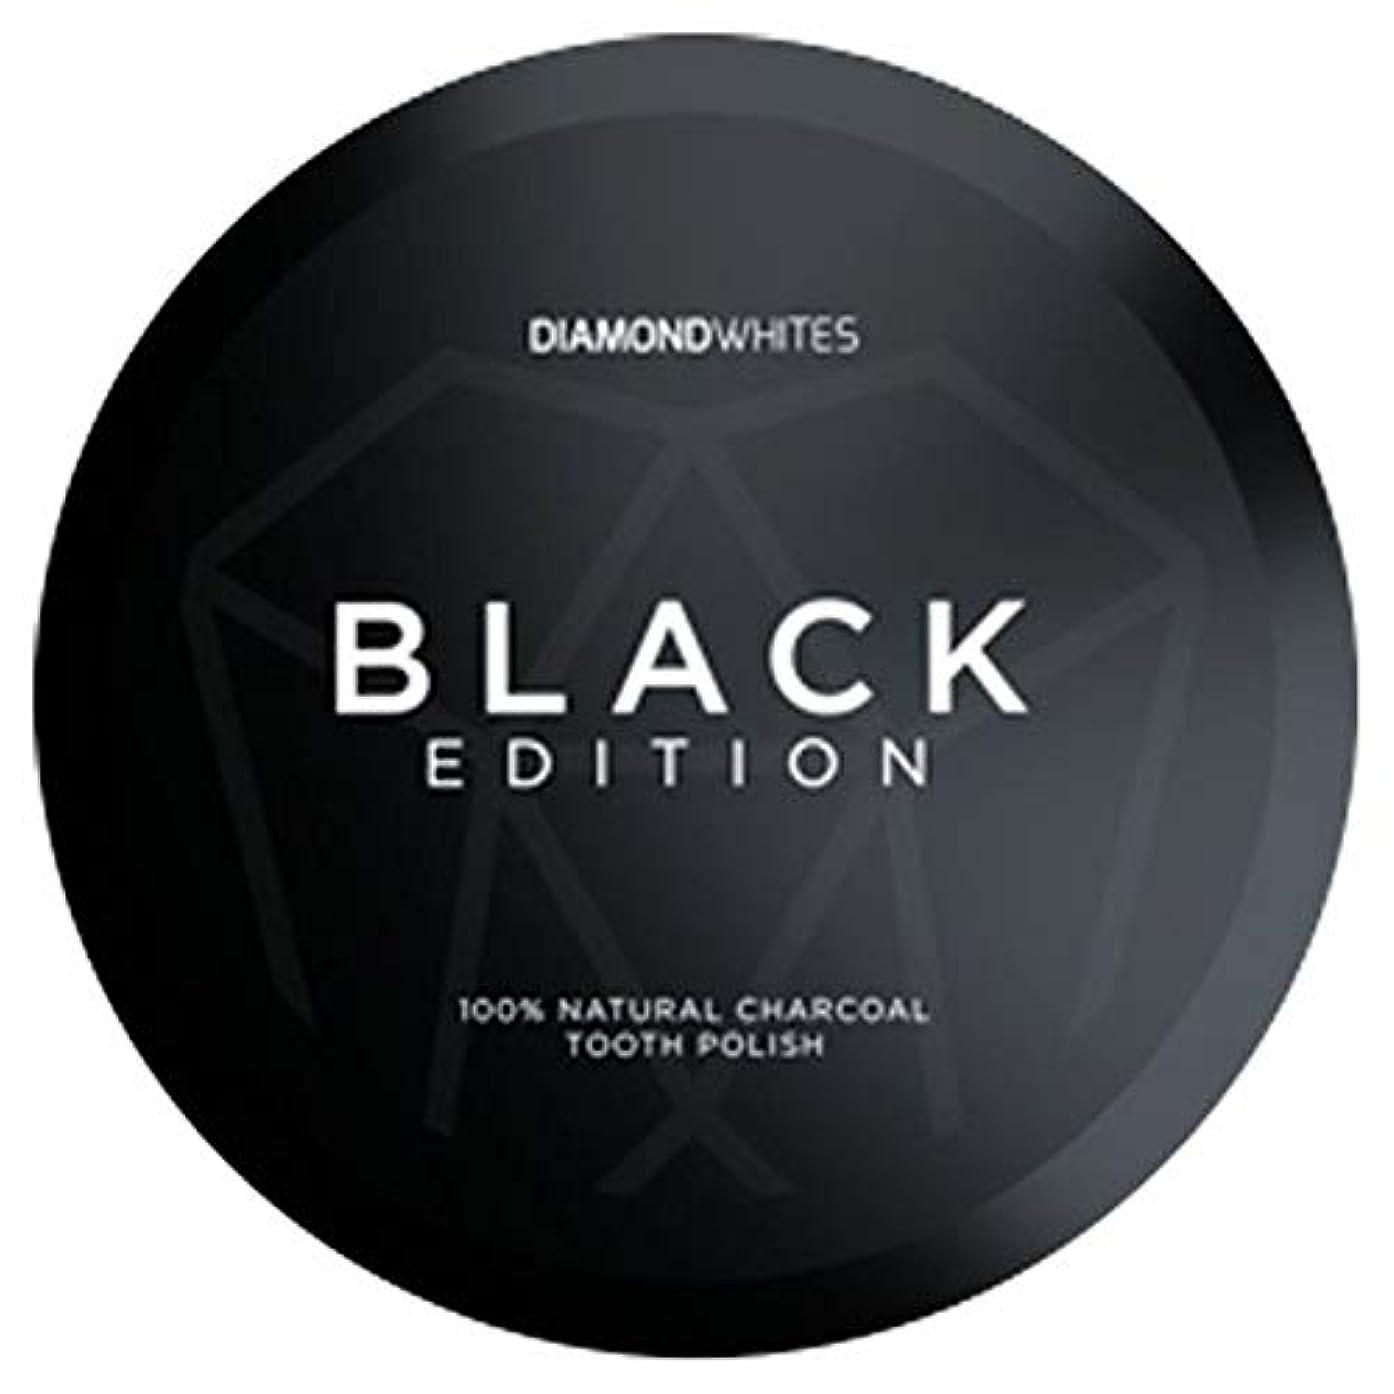 アプローチミッション内なる[Diamond Whites] ダイヤモンド白ブラックエディション粉末32グラム - Diamond Whites Black Edition Powder 32G [並行輸入品]